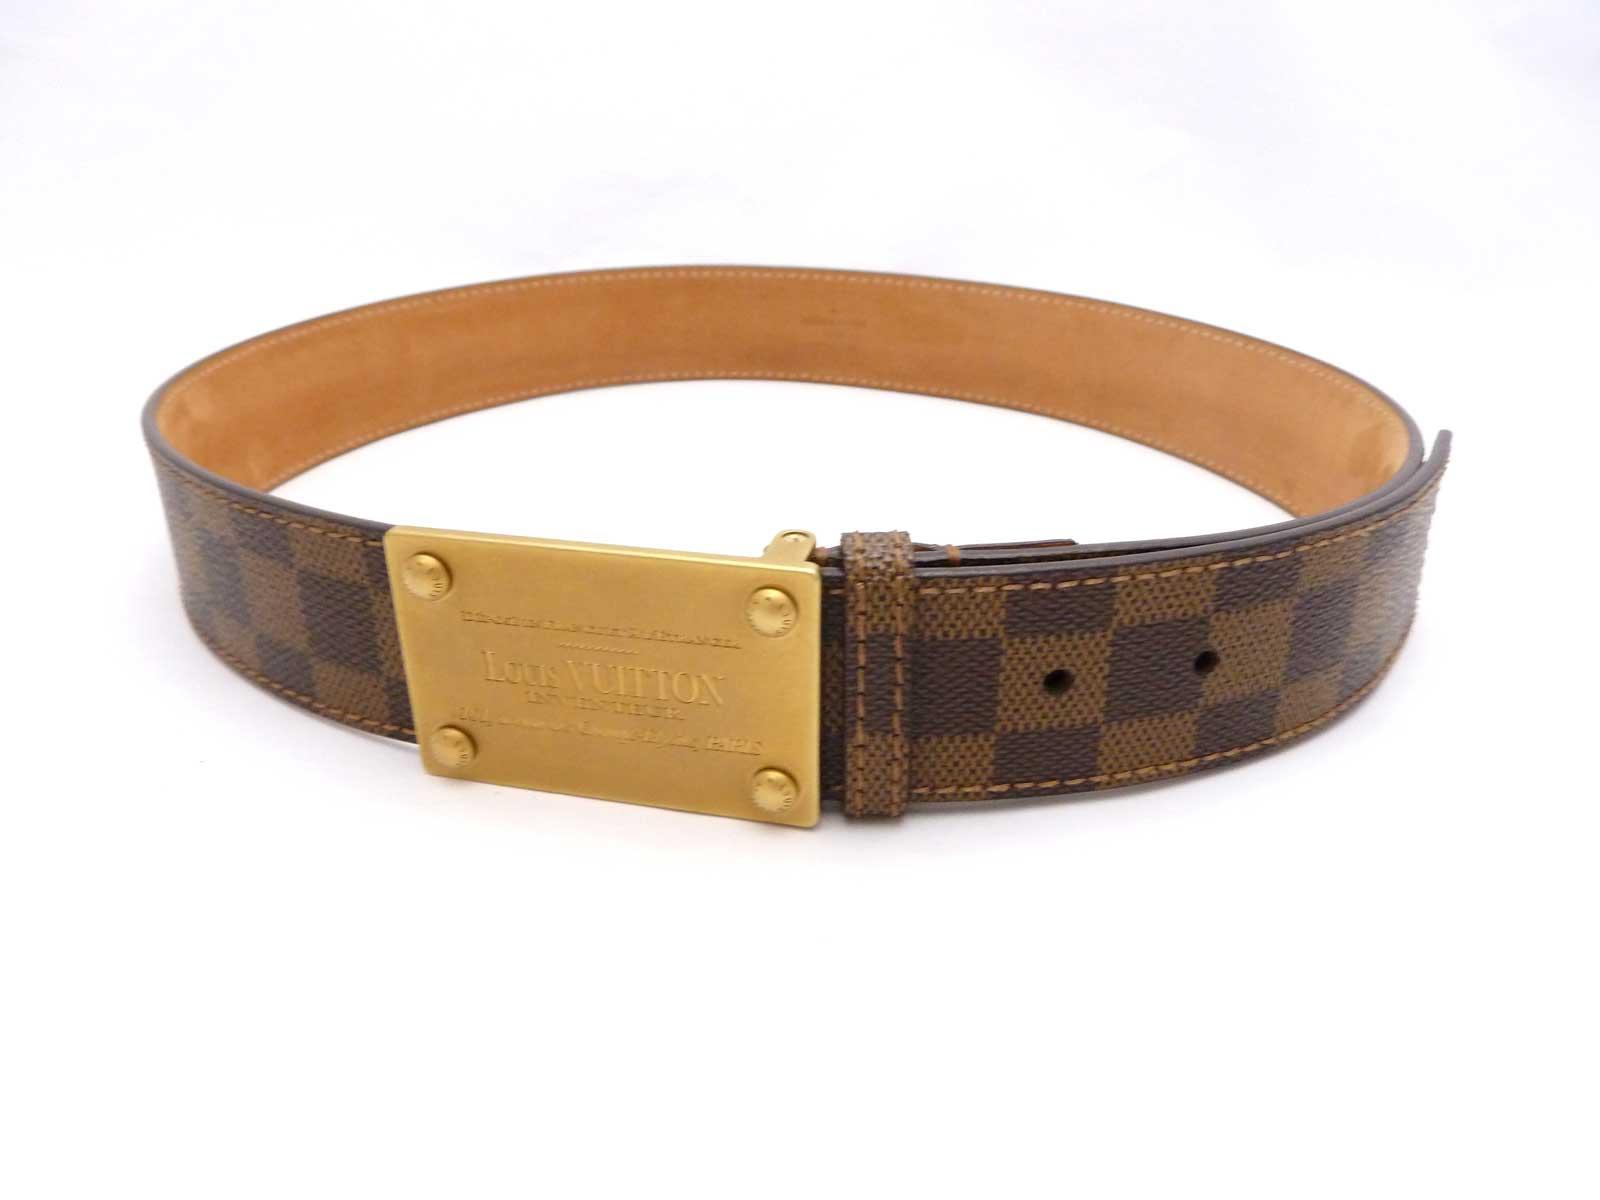 Auth Louis Vuitton Damier Ebene Inventeur Buckle Belt Size ...